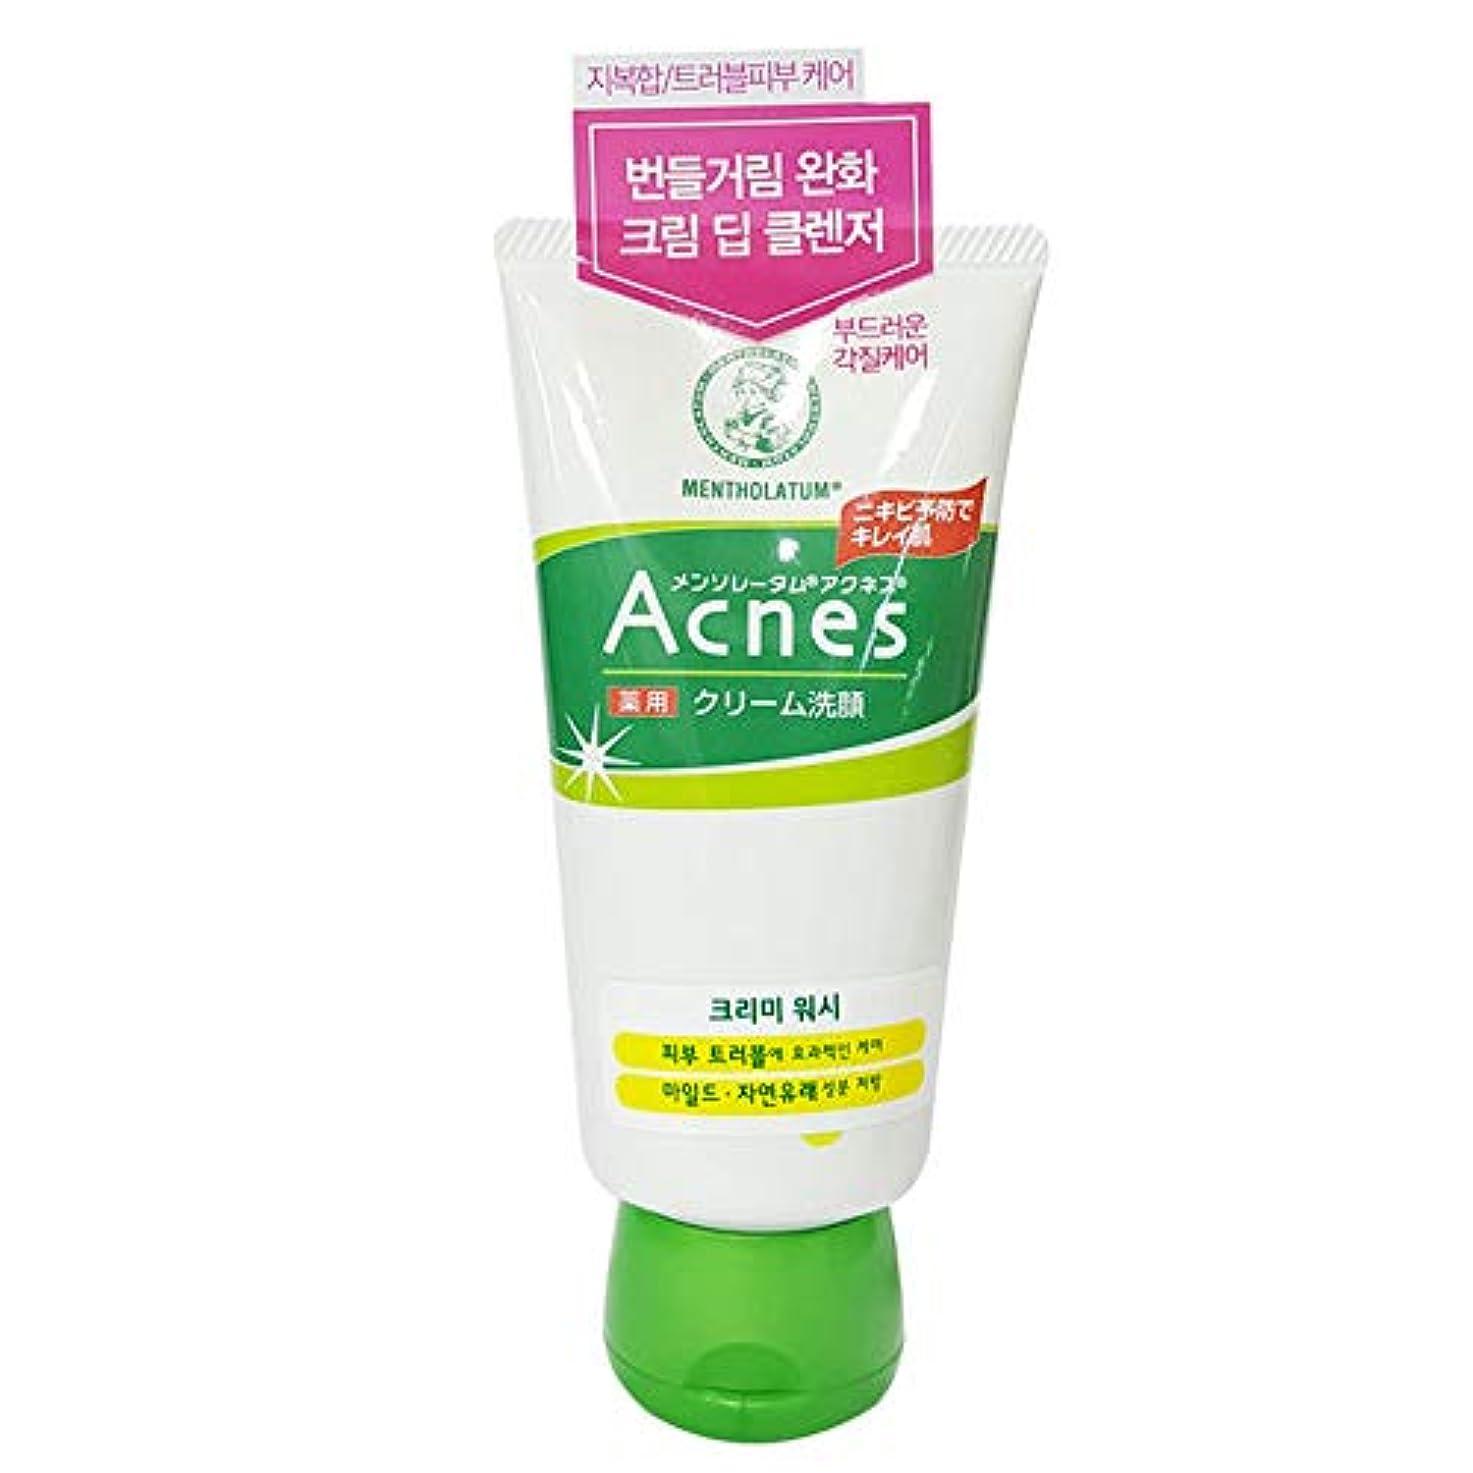 アプトガイドライン聞く[Acnes] アクネス クリーミー ウォッシュ Creamy Wash メイク落とし - Acne Break Face Cleanser, Balance Oil Control Foaming Cleansing...